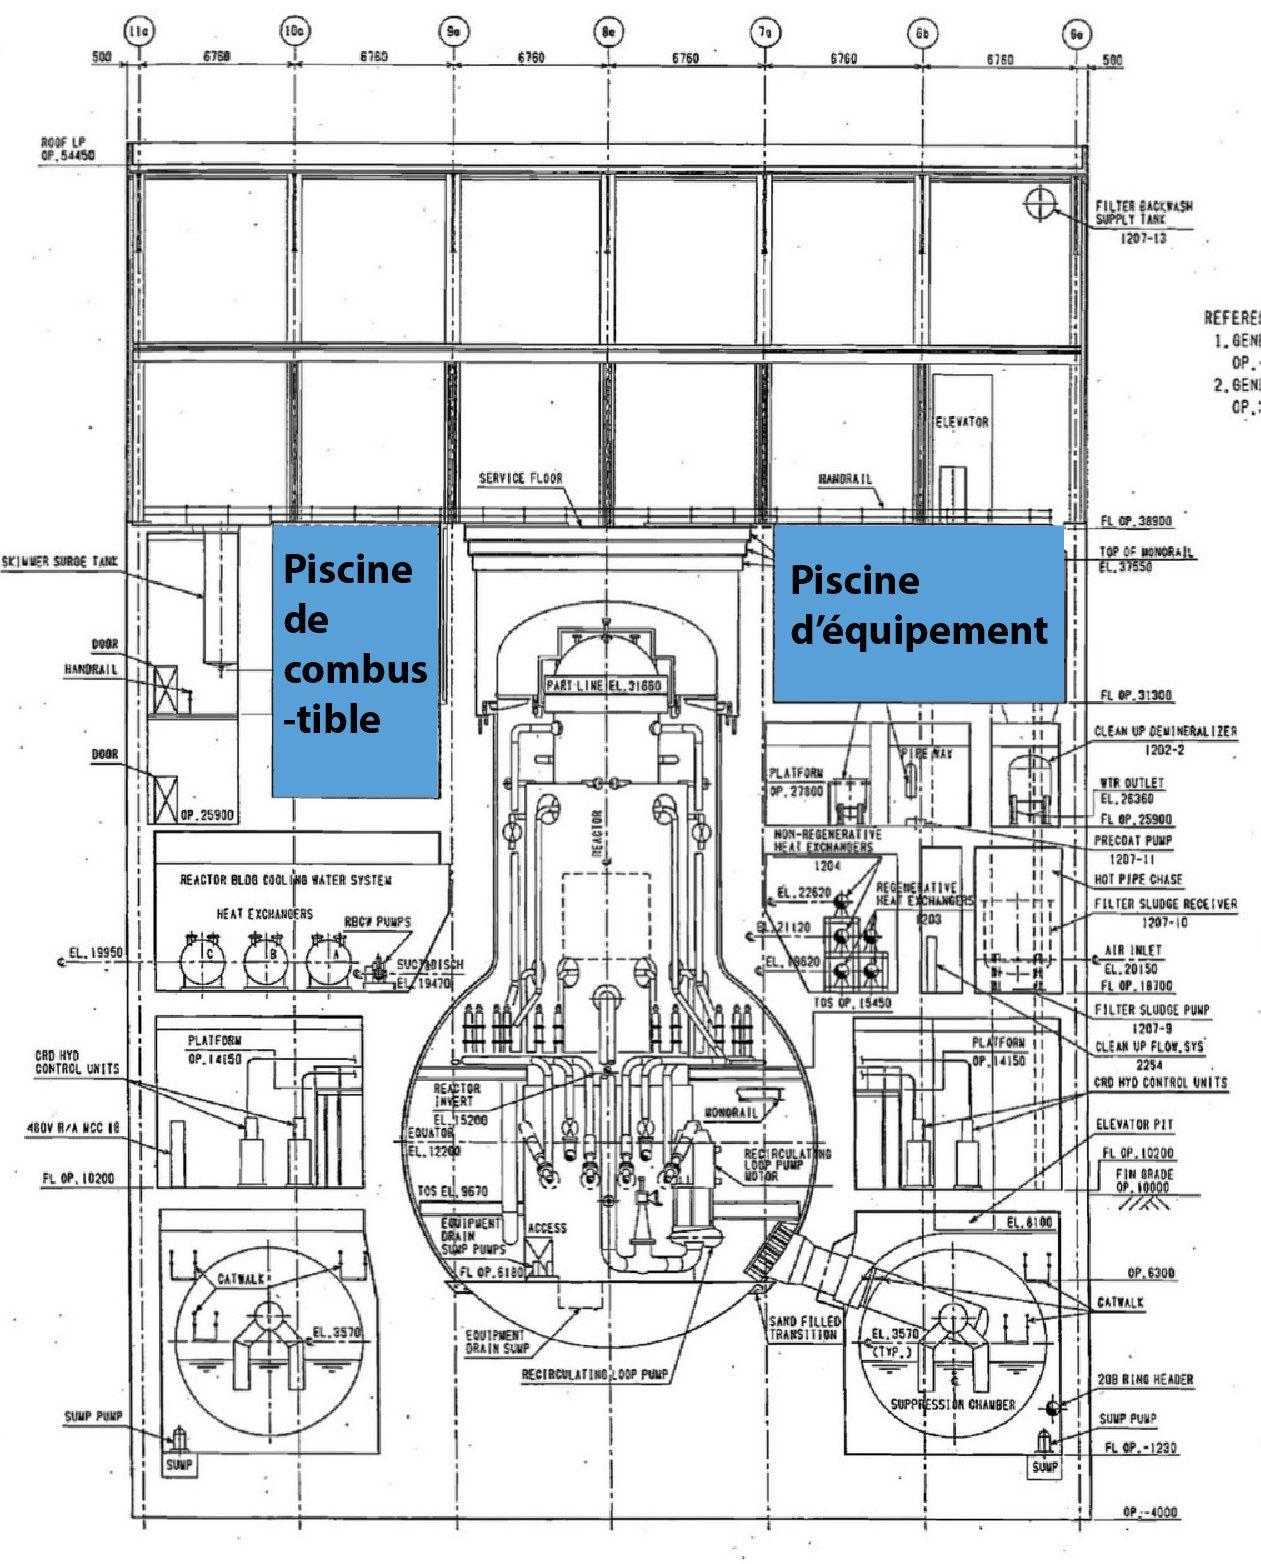 Fig. 95 : Localisation des piscines de combustible et d'équipement